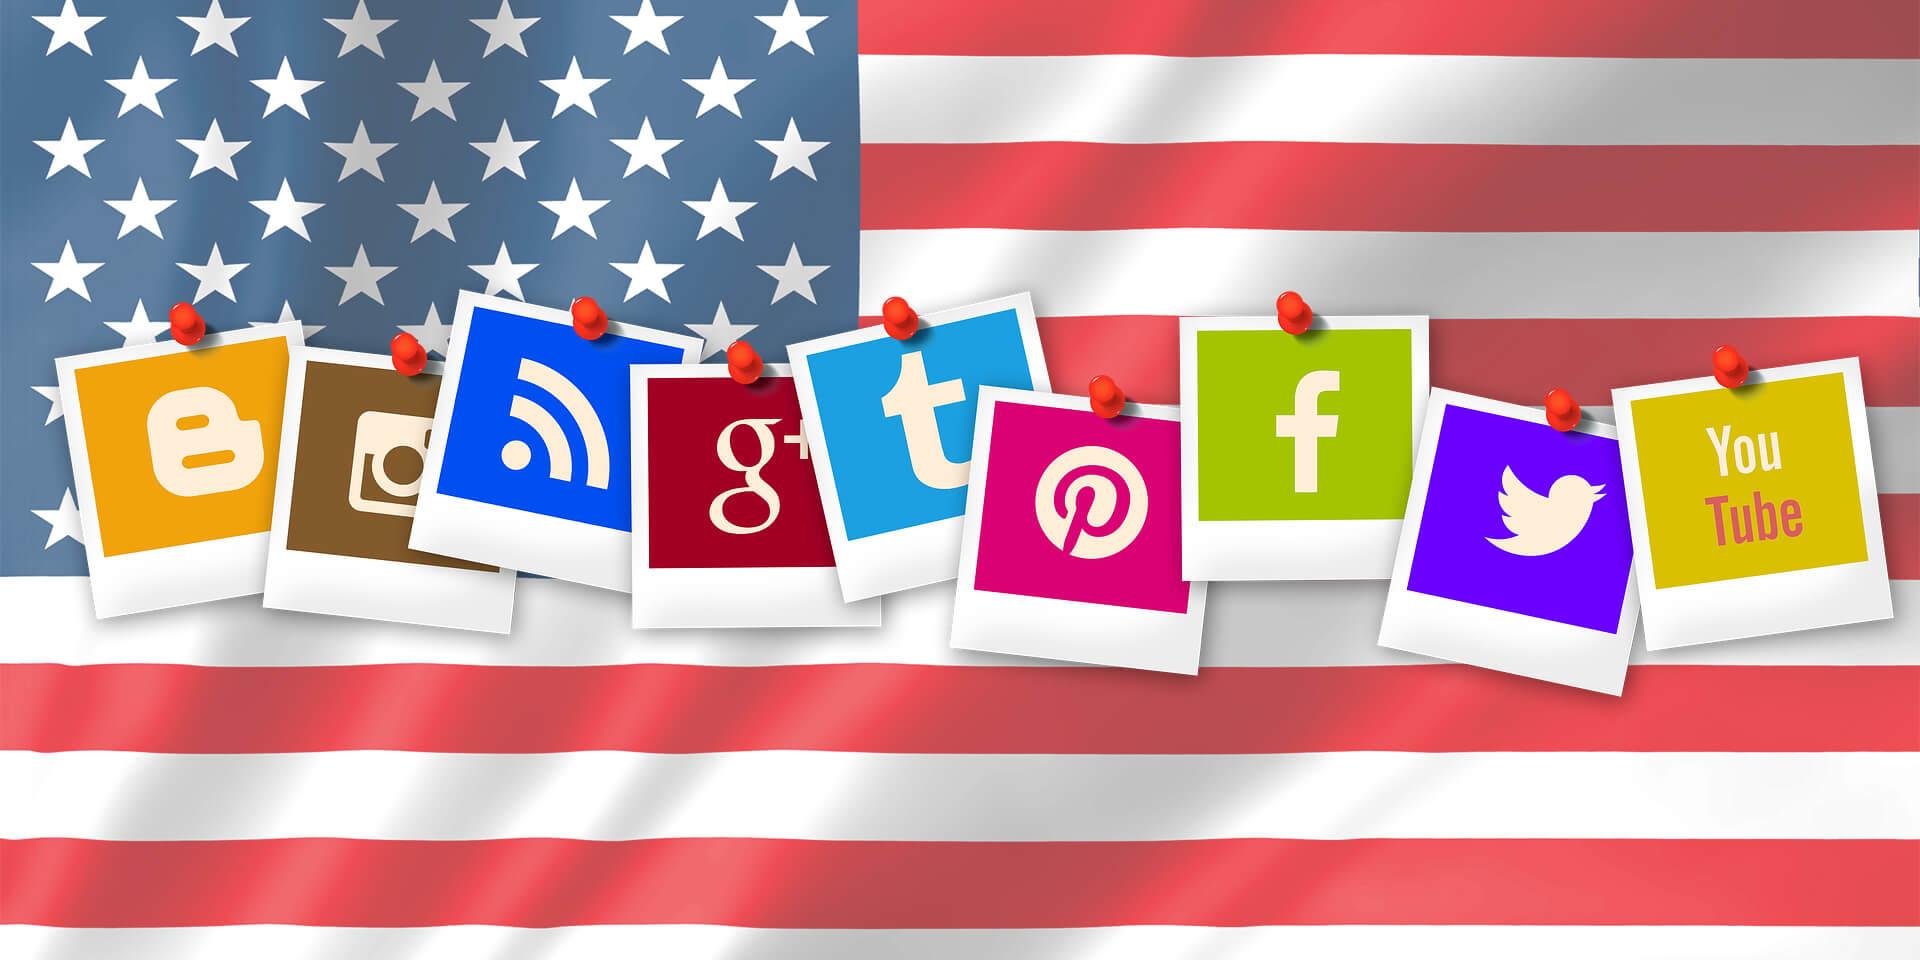 【2020年版】アメリカで人気のSNSランキング | アメリカでのWEBマーケティング・プロモーションを解説